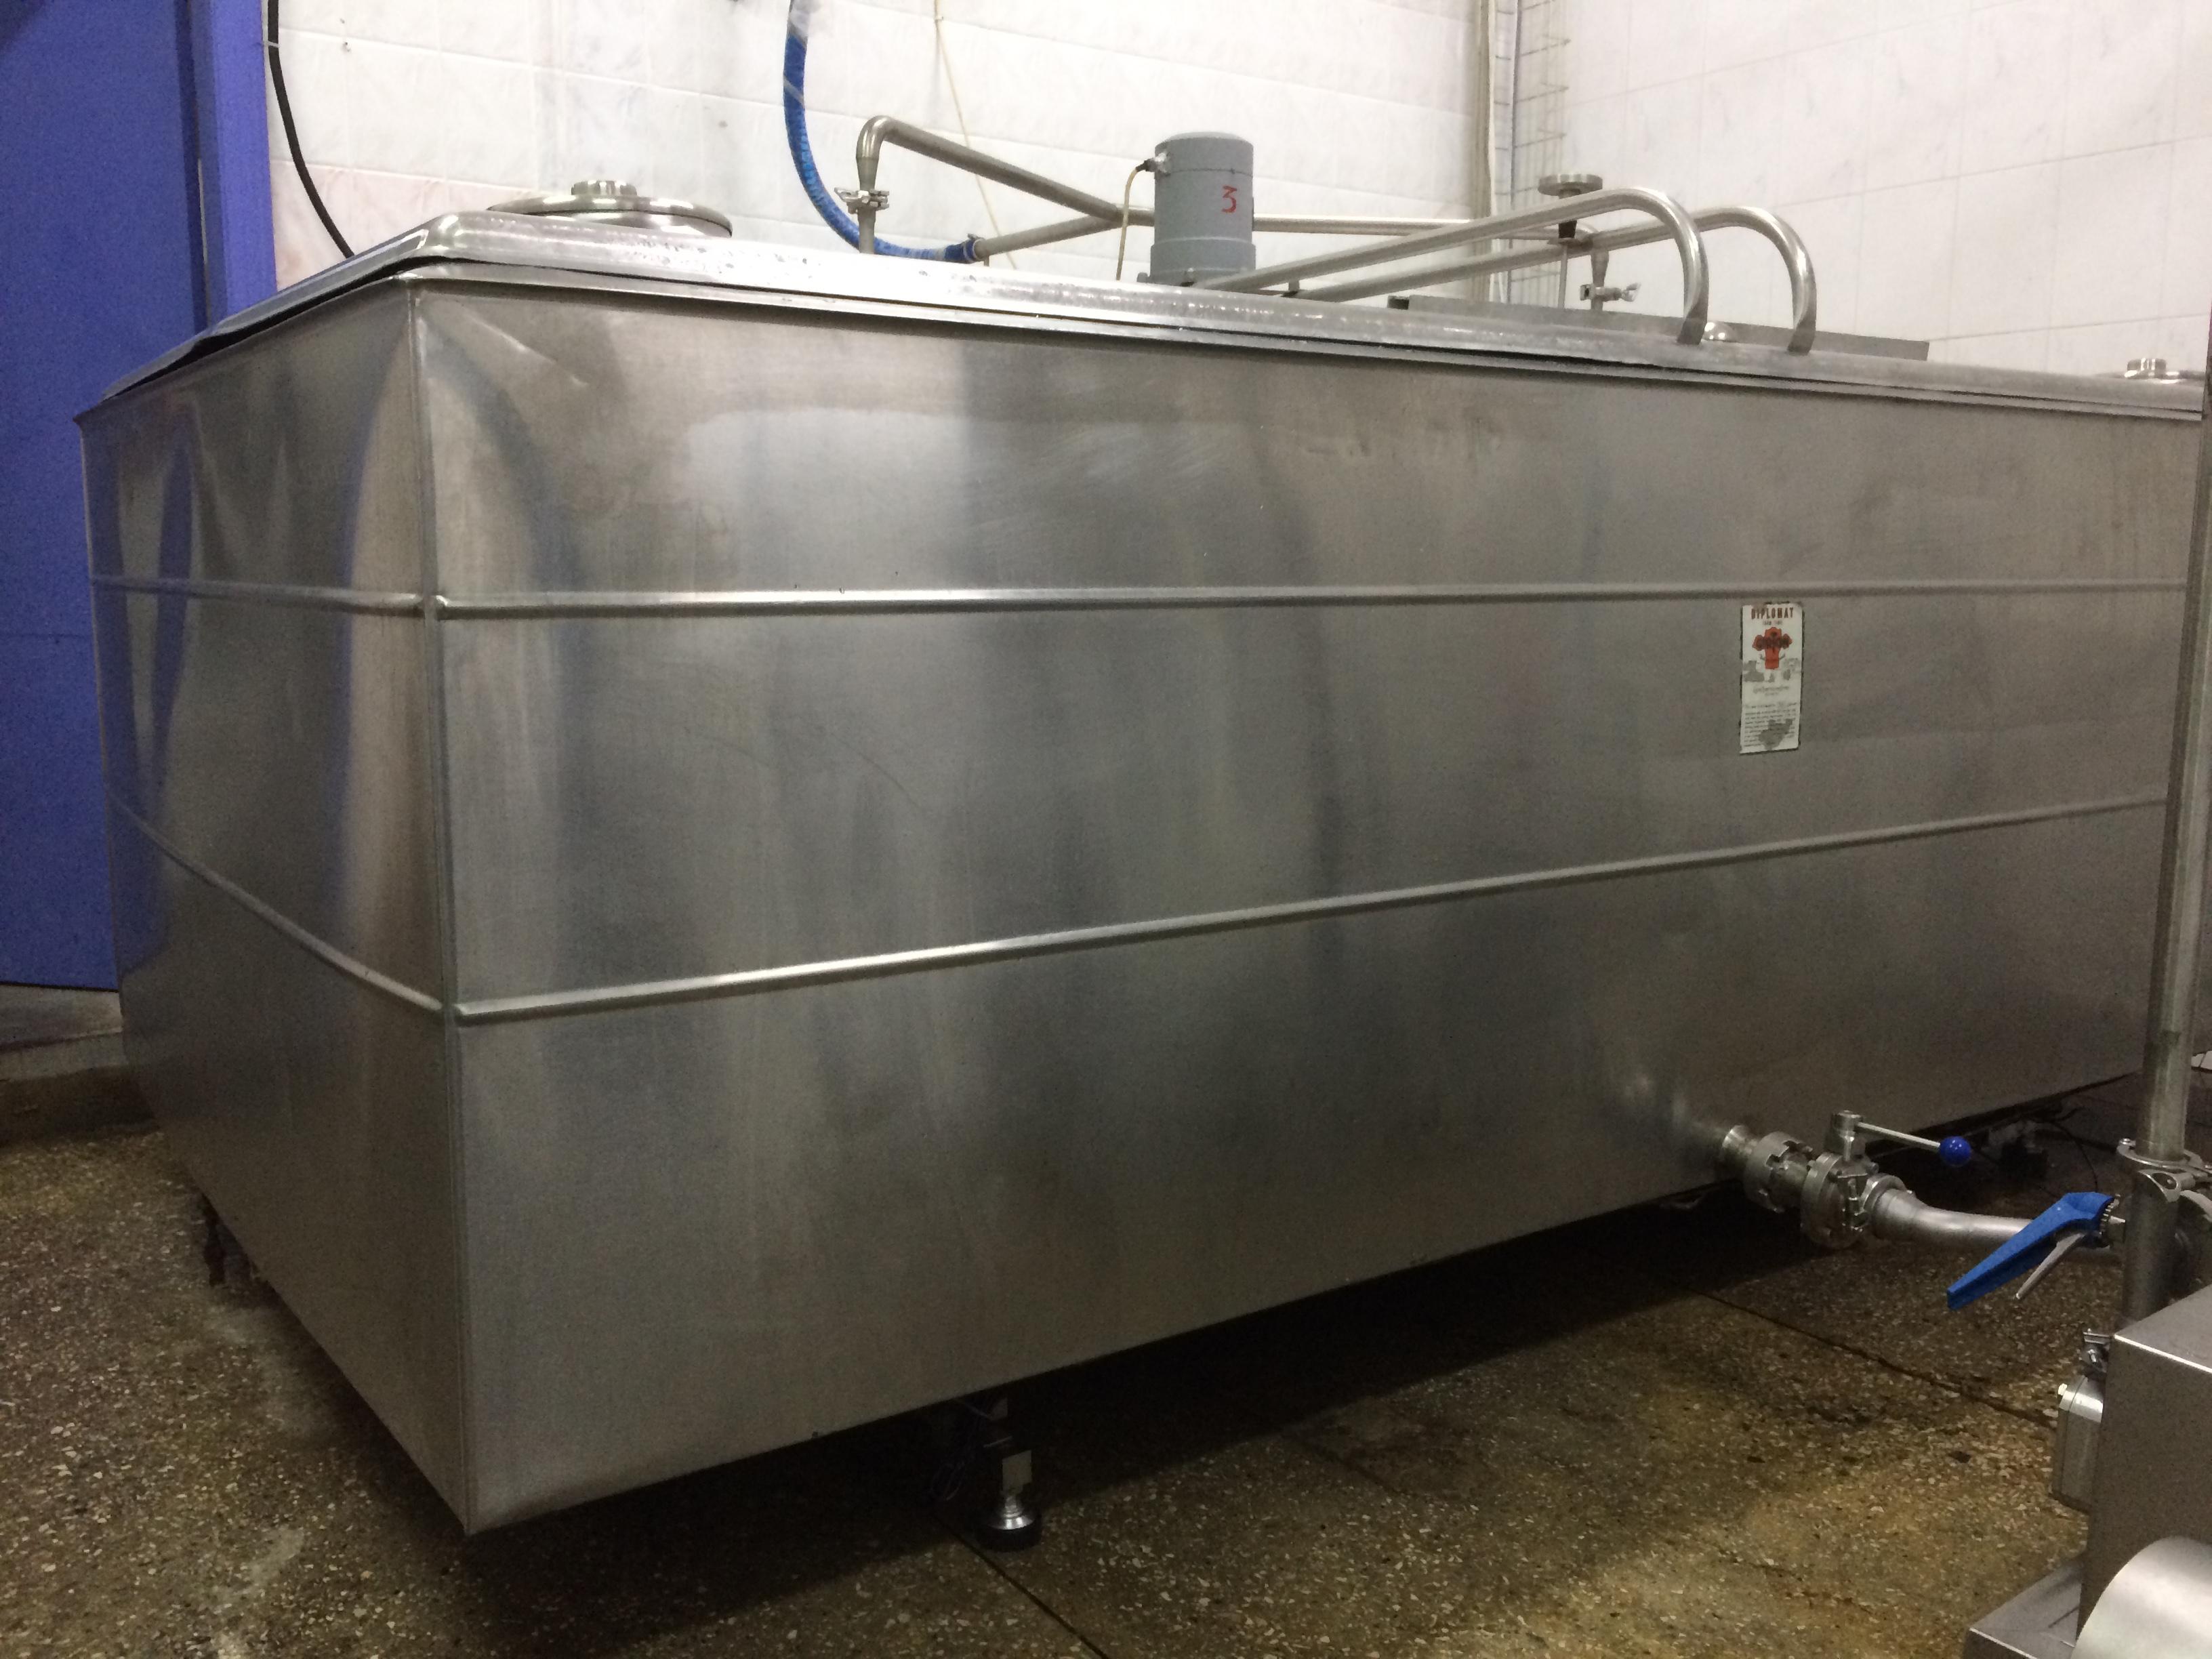 Система измерения веса танков охлаждения и подготовки мороженного к дозированию